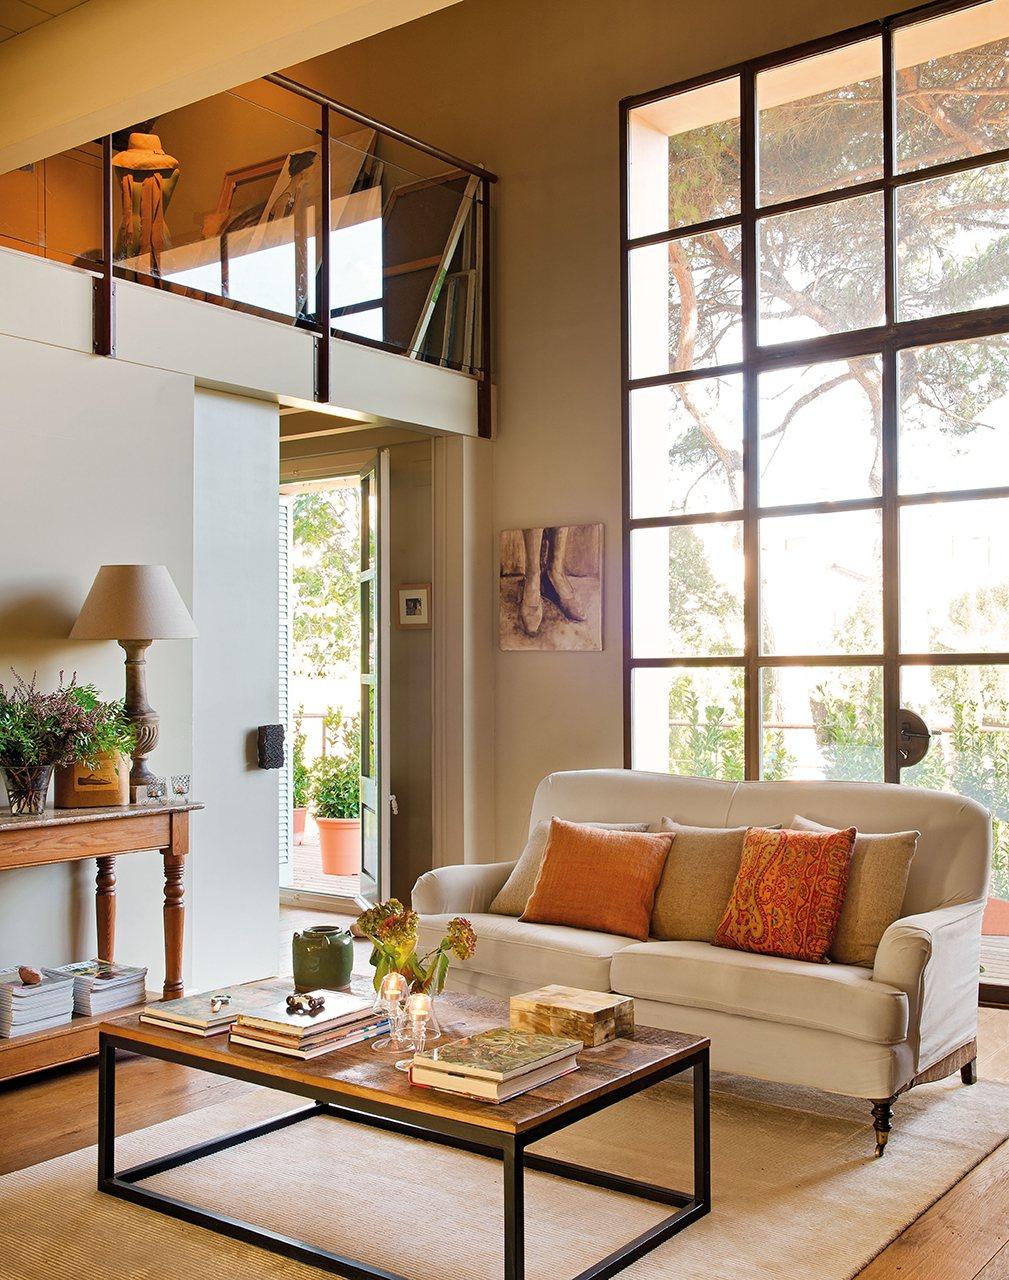 Cambia tu casa renovando puertas y ventanas for Casa muebles de exterior